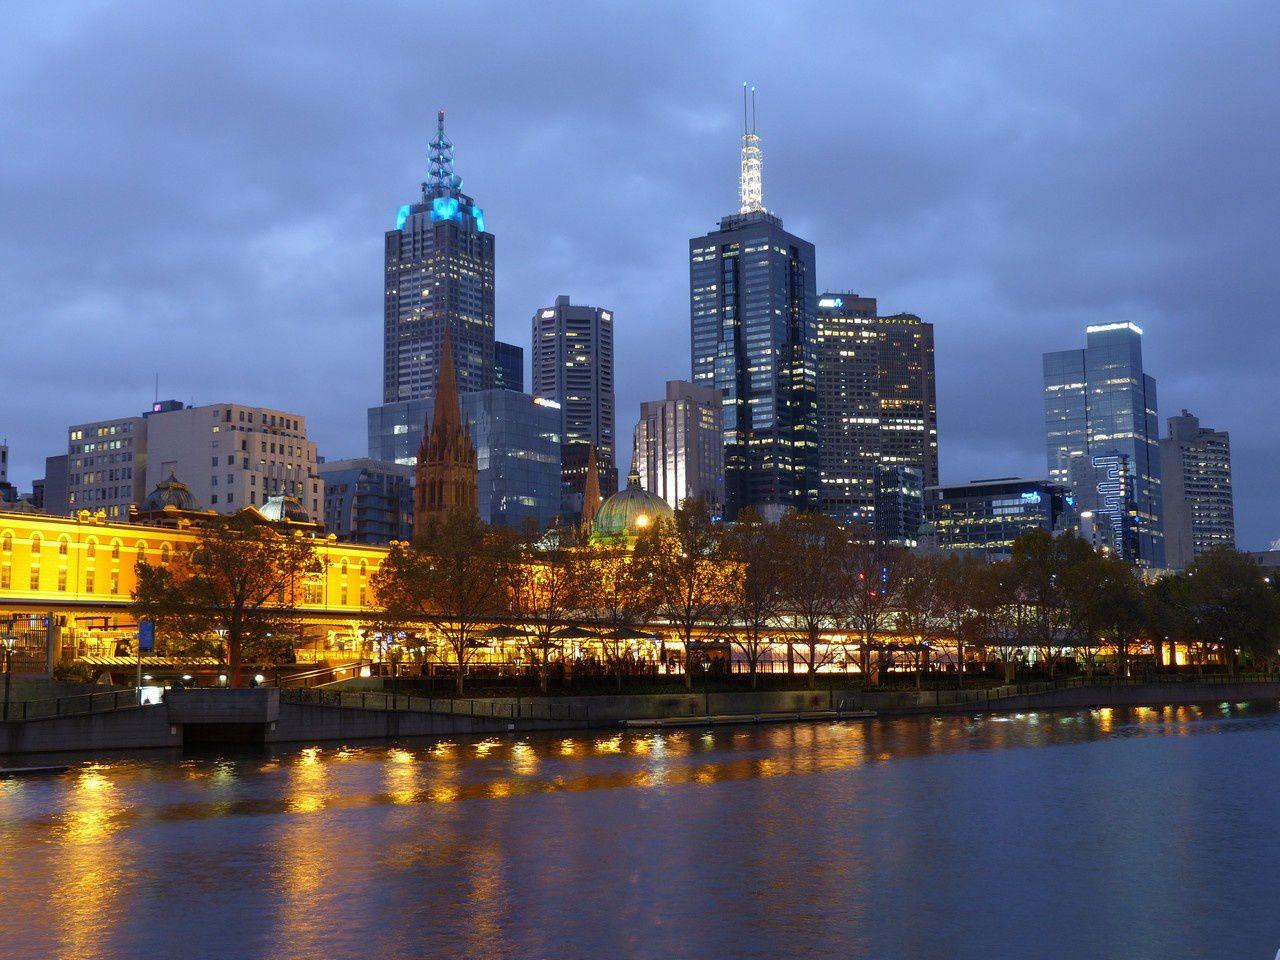 De Sydney à Melbourne : Une faune incroyable, des paysages splendides mais une température assez basse !